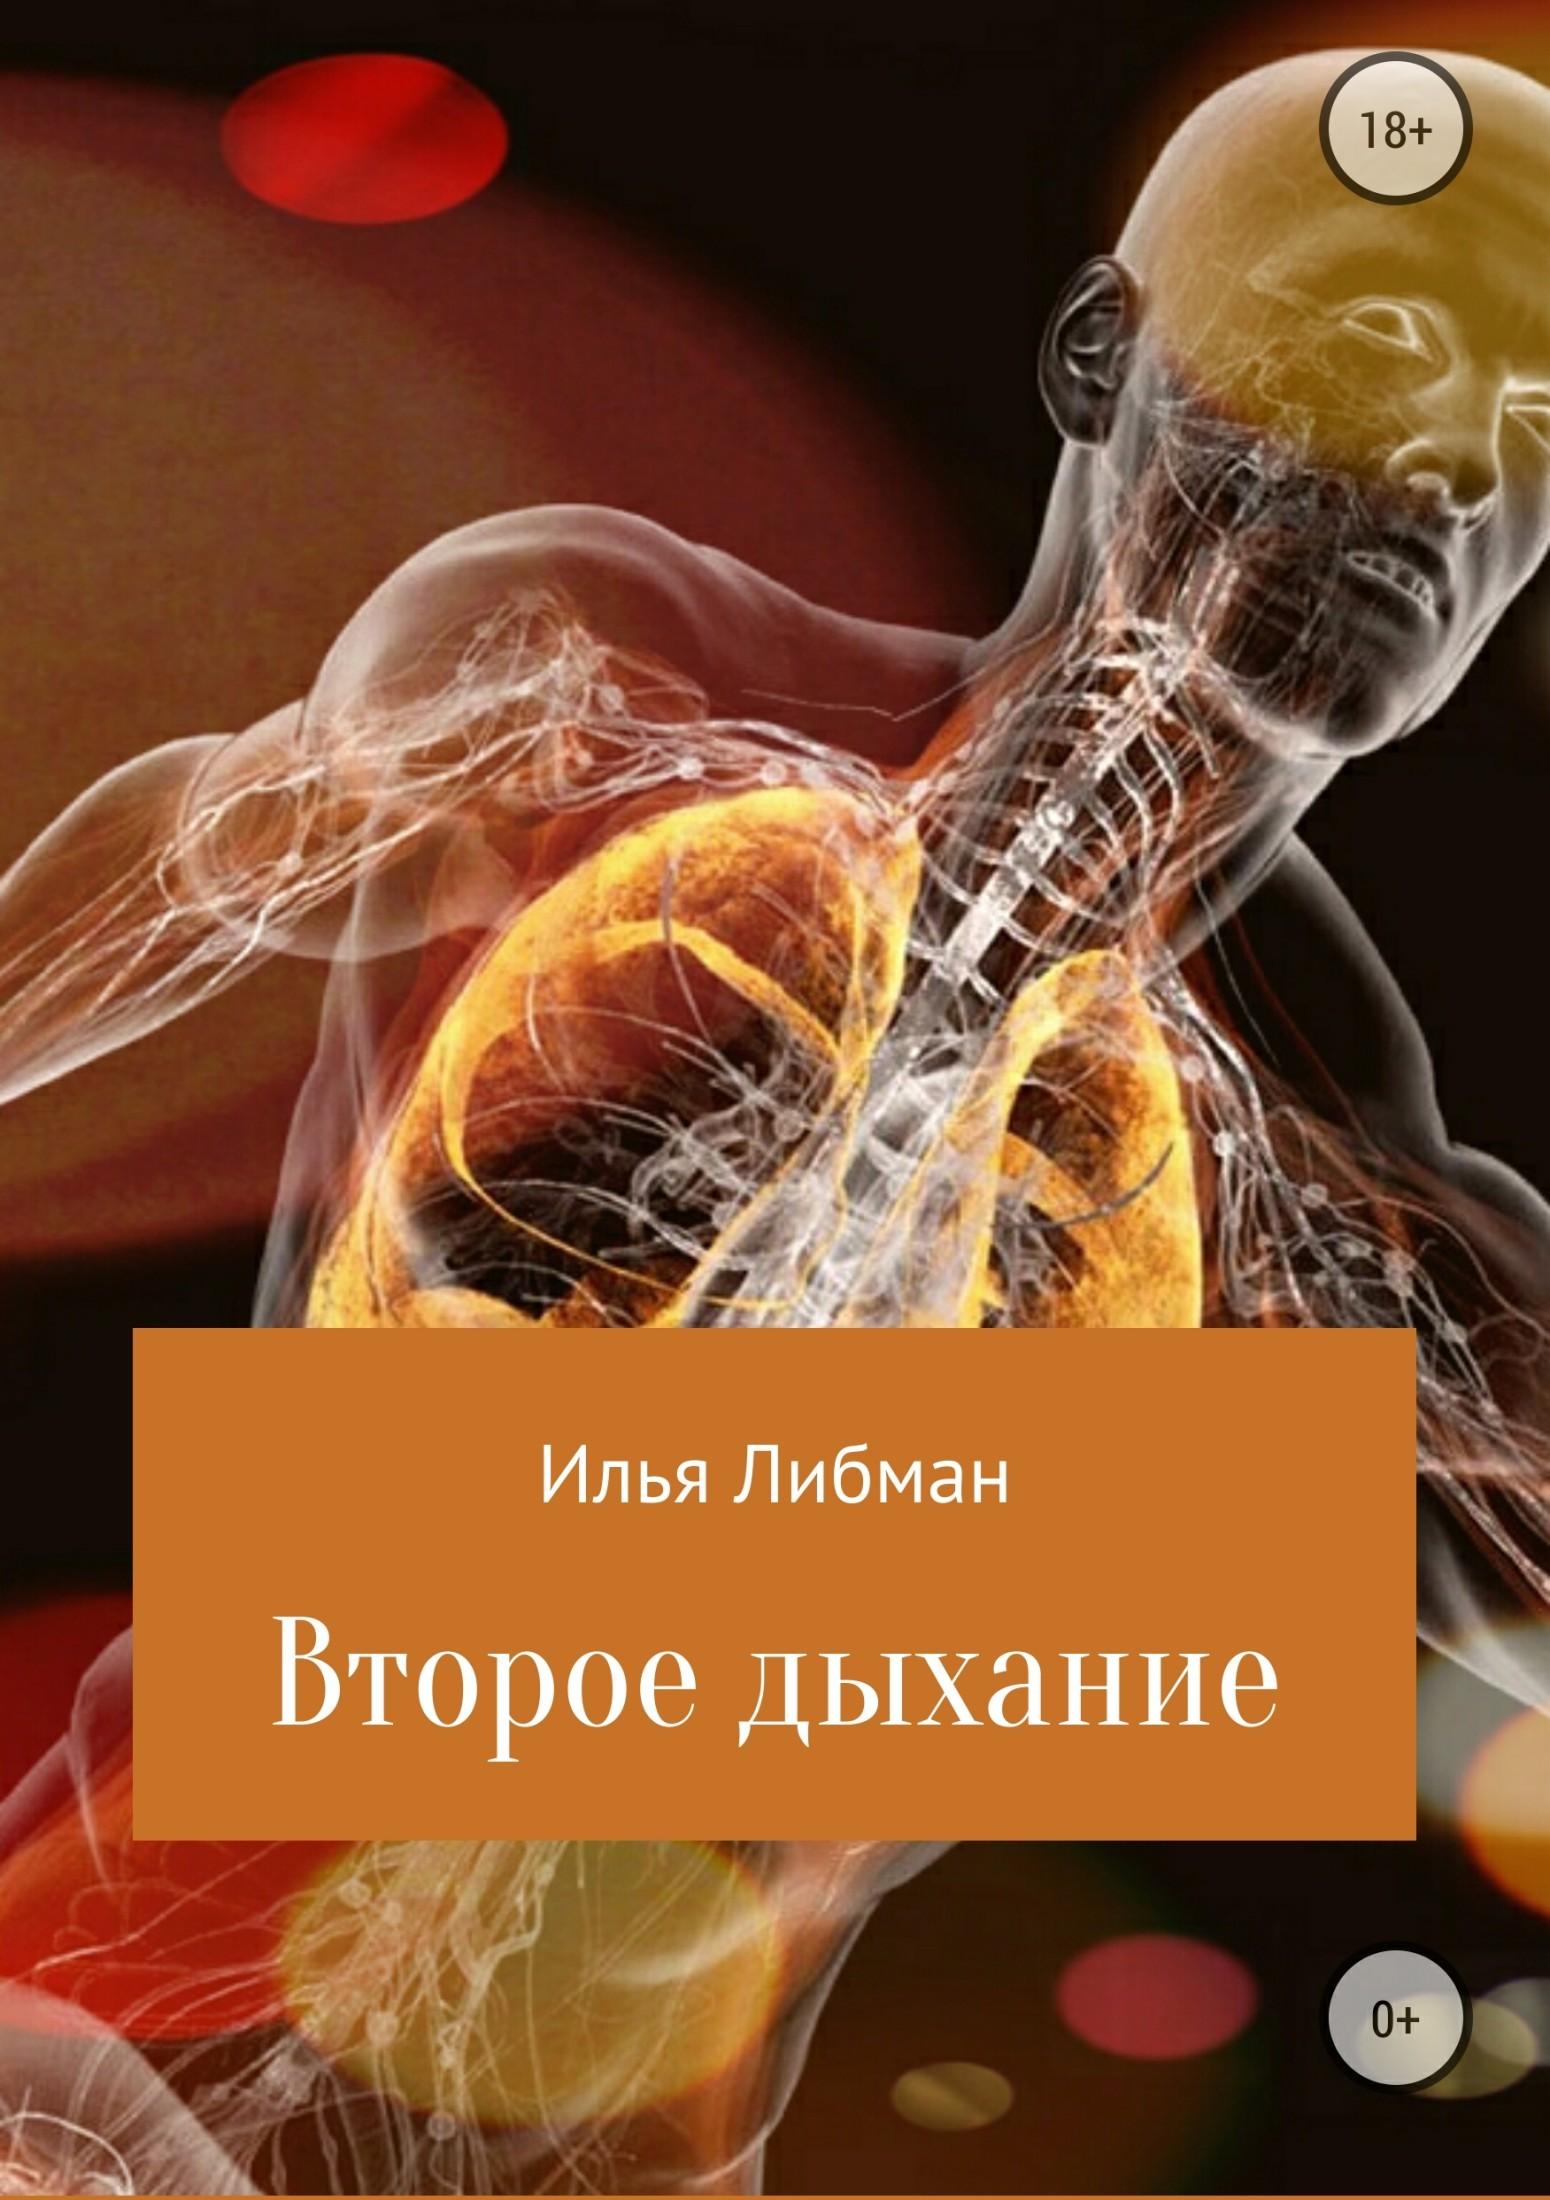 Илья Либман - Второе дыхание